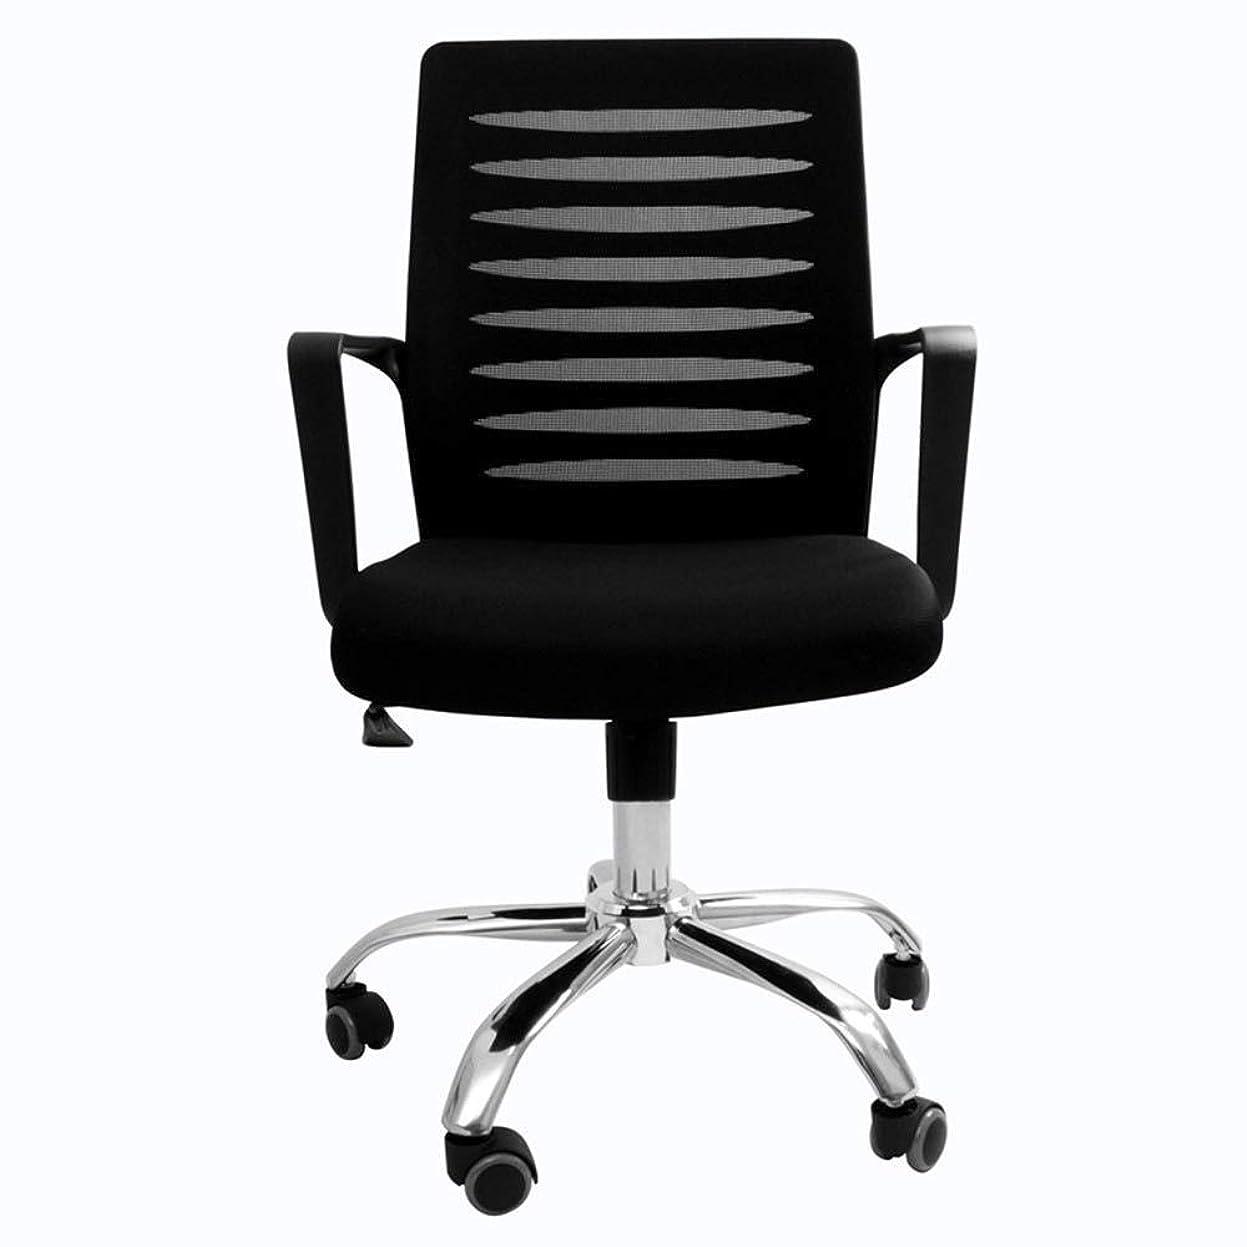 電卓インストラクター助言コンピュータゲームの椅子 金属製でソフトで通気性メッシュ布シートクッションステンレススチールベース容易ではないのスイベルタスク議長メイドは、耐久性のある損傷に